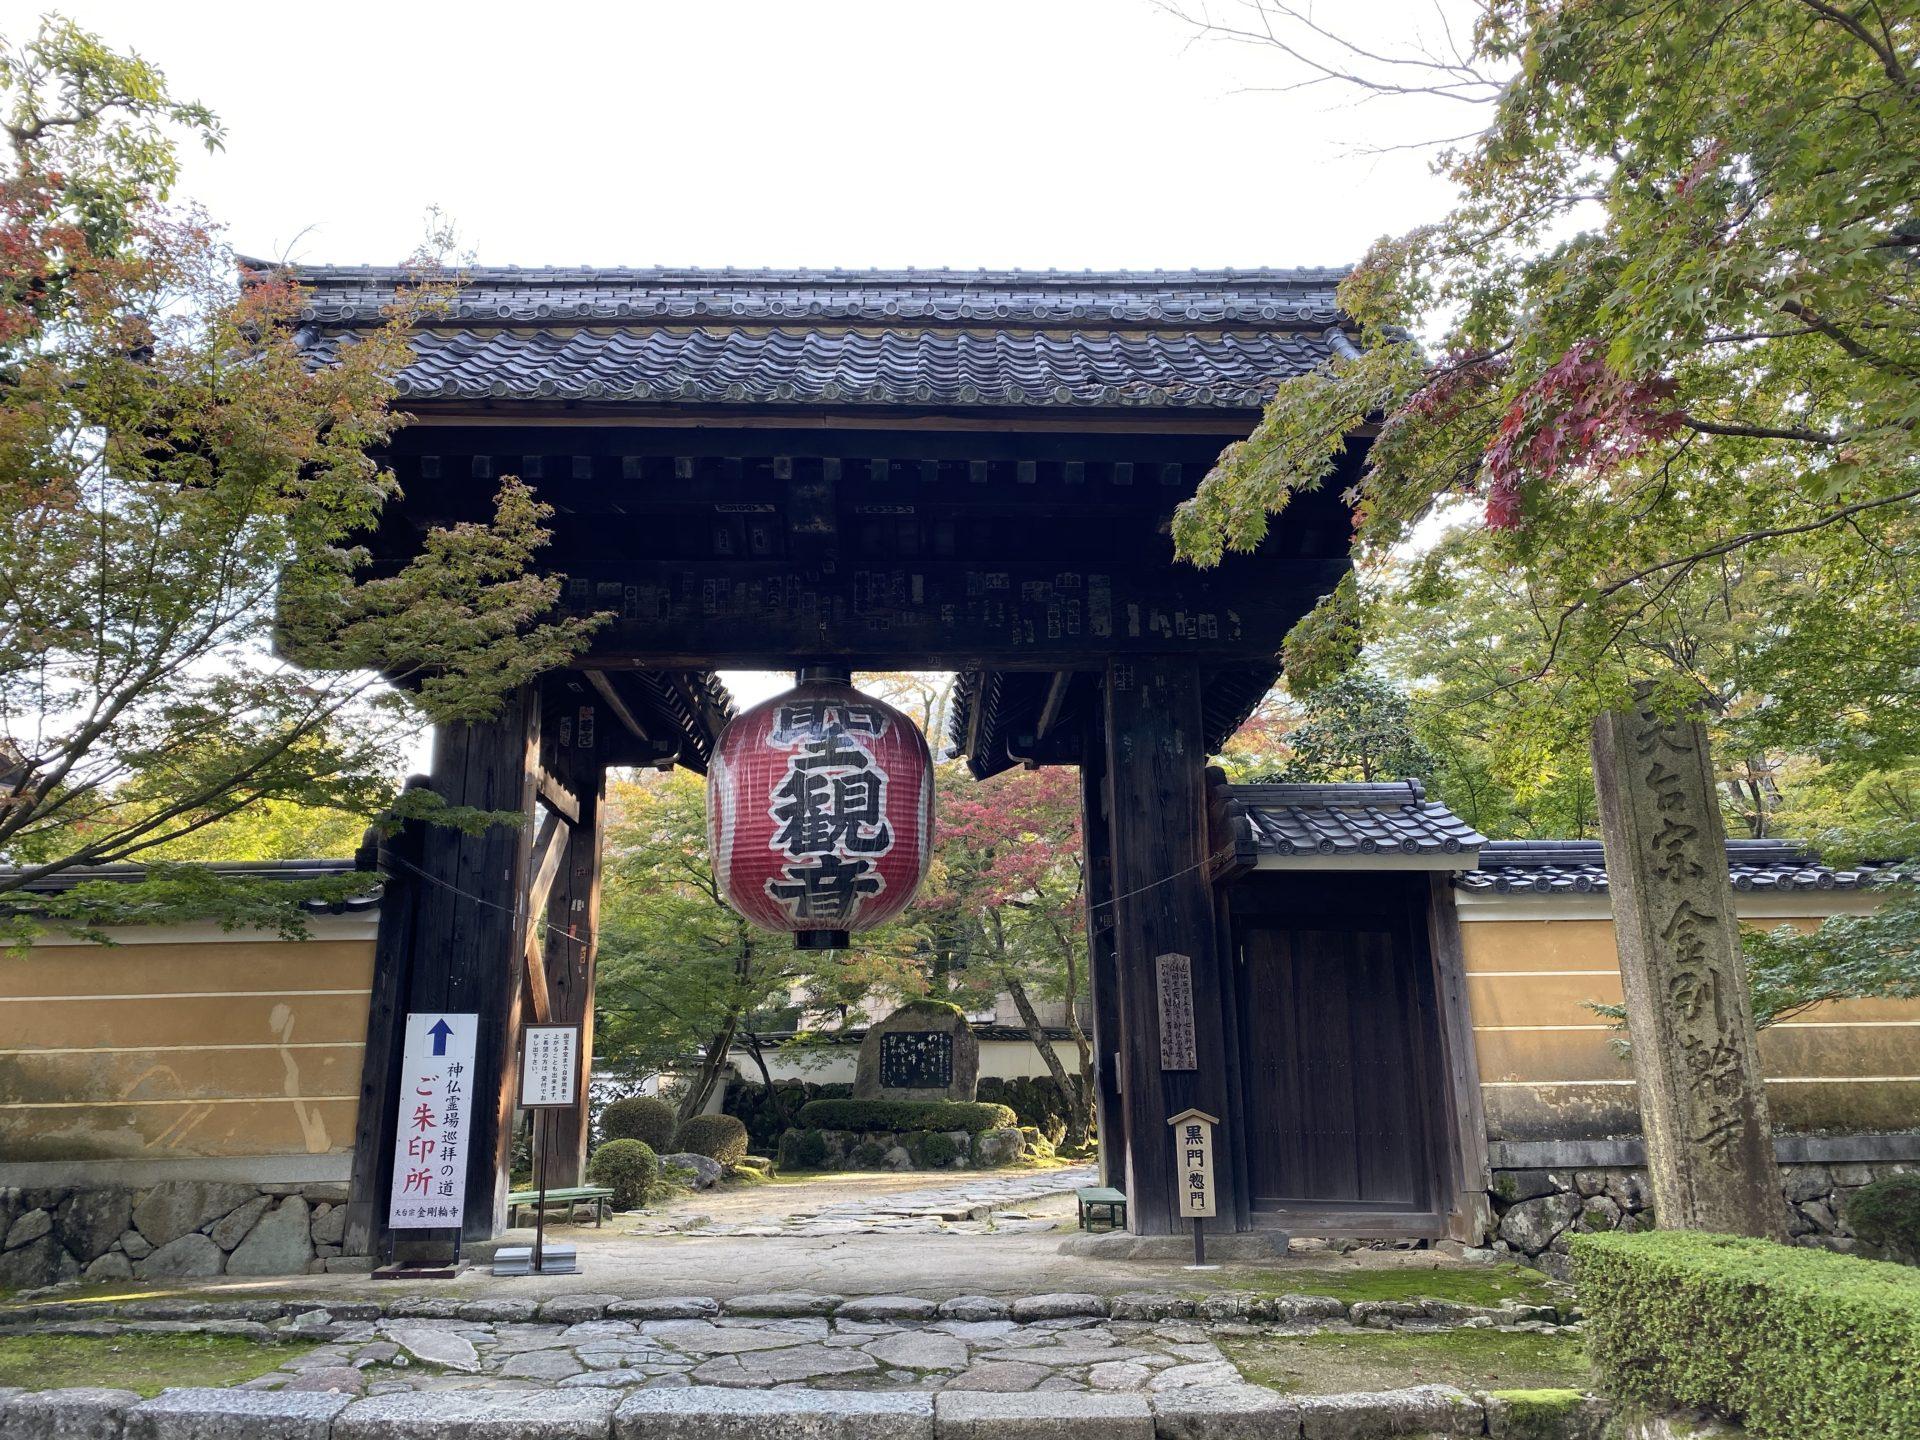 金剛輪寺 黒門(惣門)